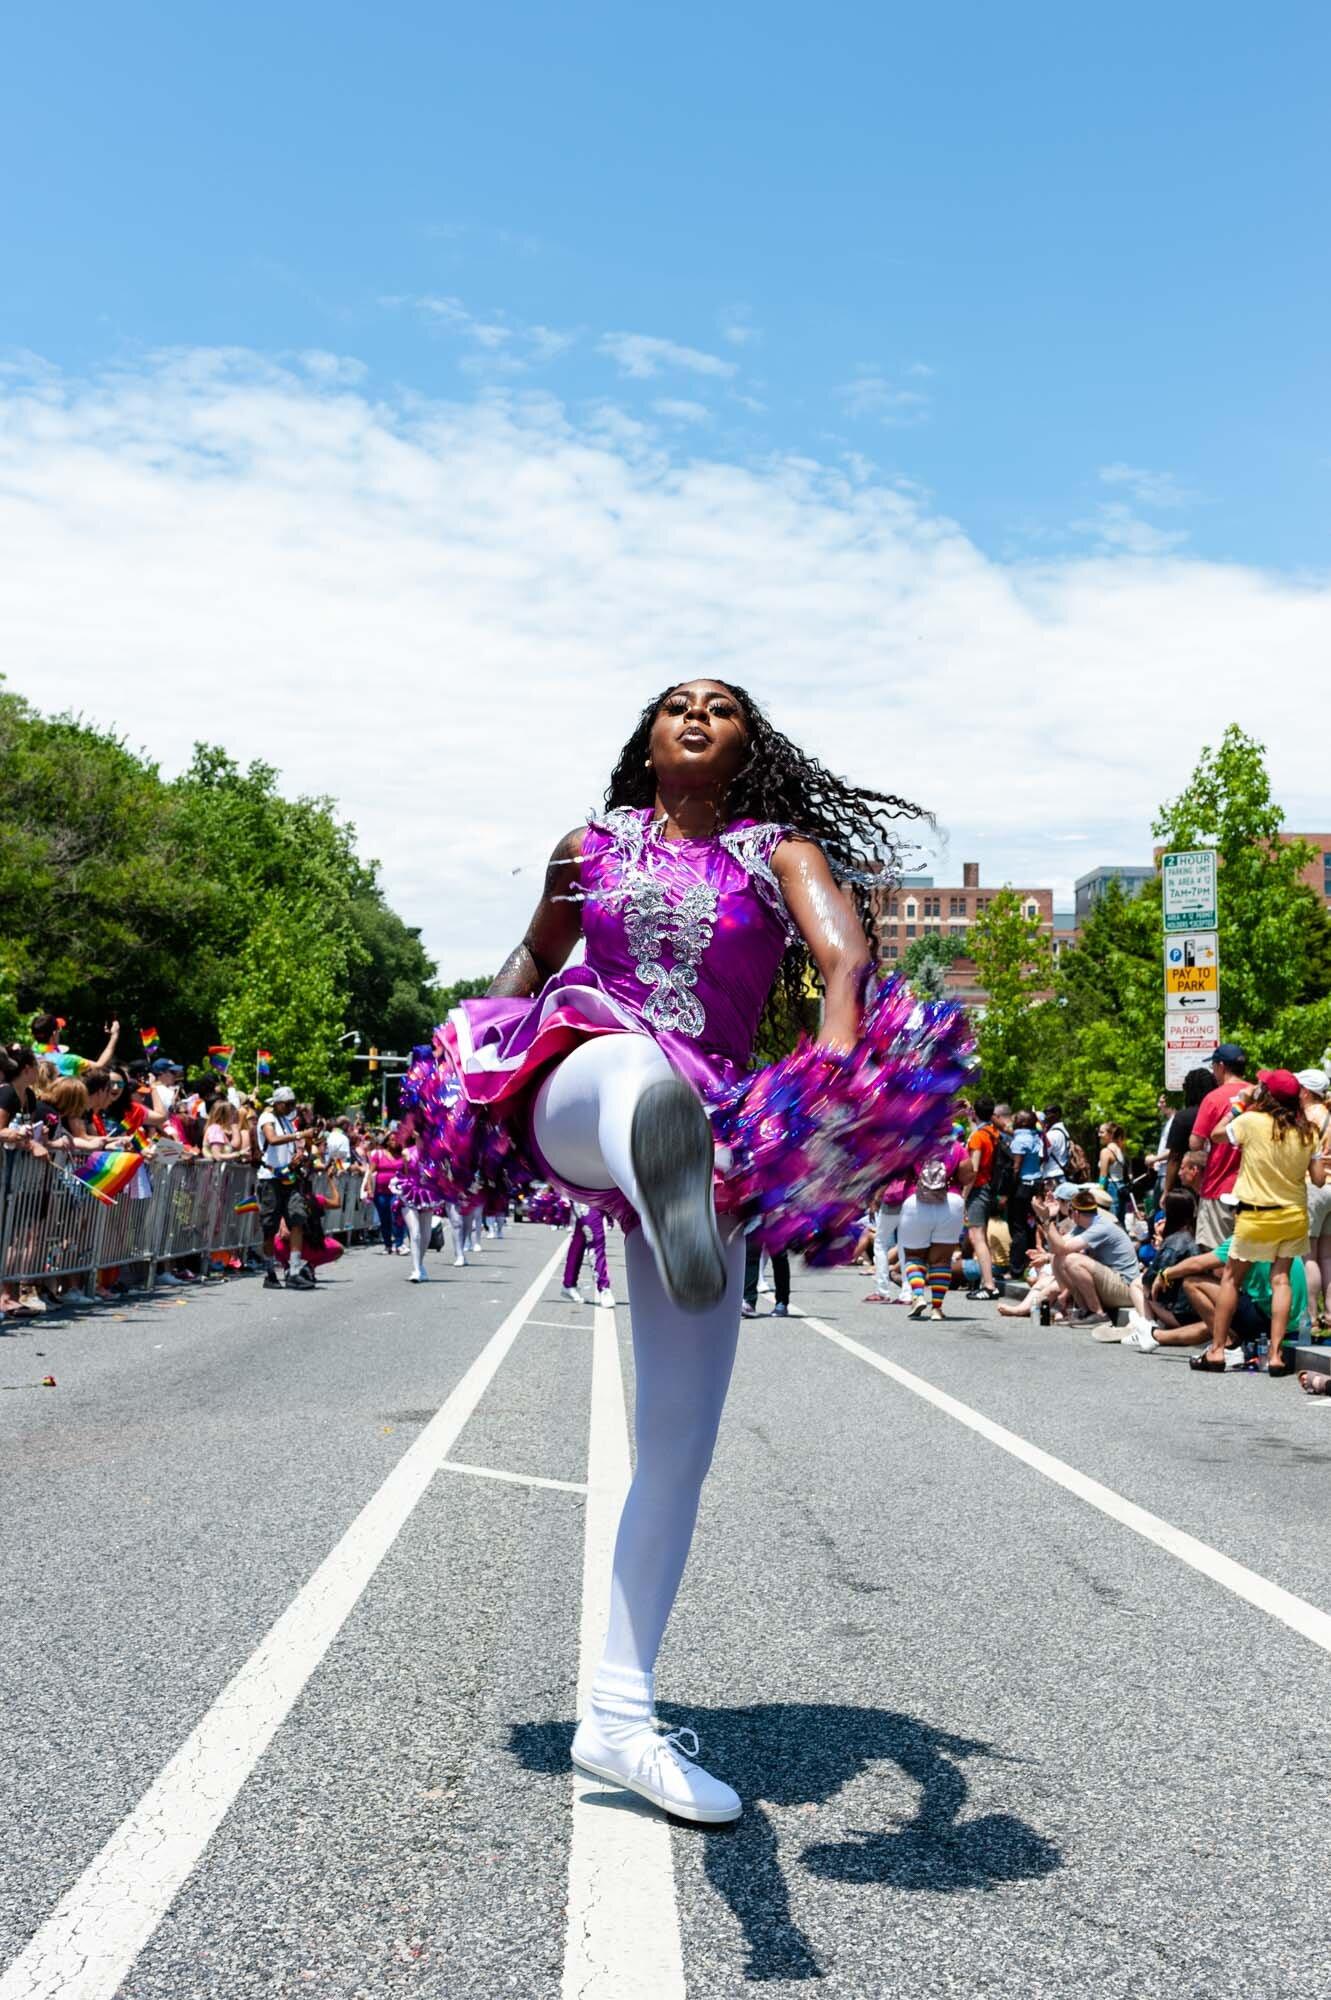 Emily Lewis Creative_Baltimore Pride Parade_2019-06-15-55.jpg